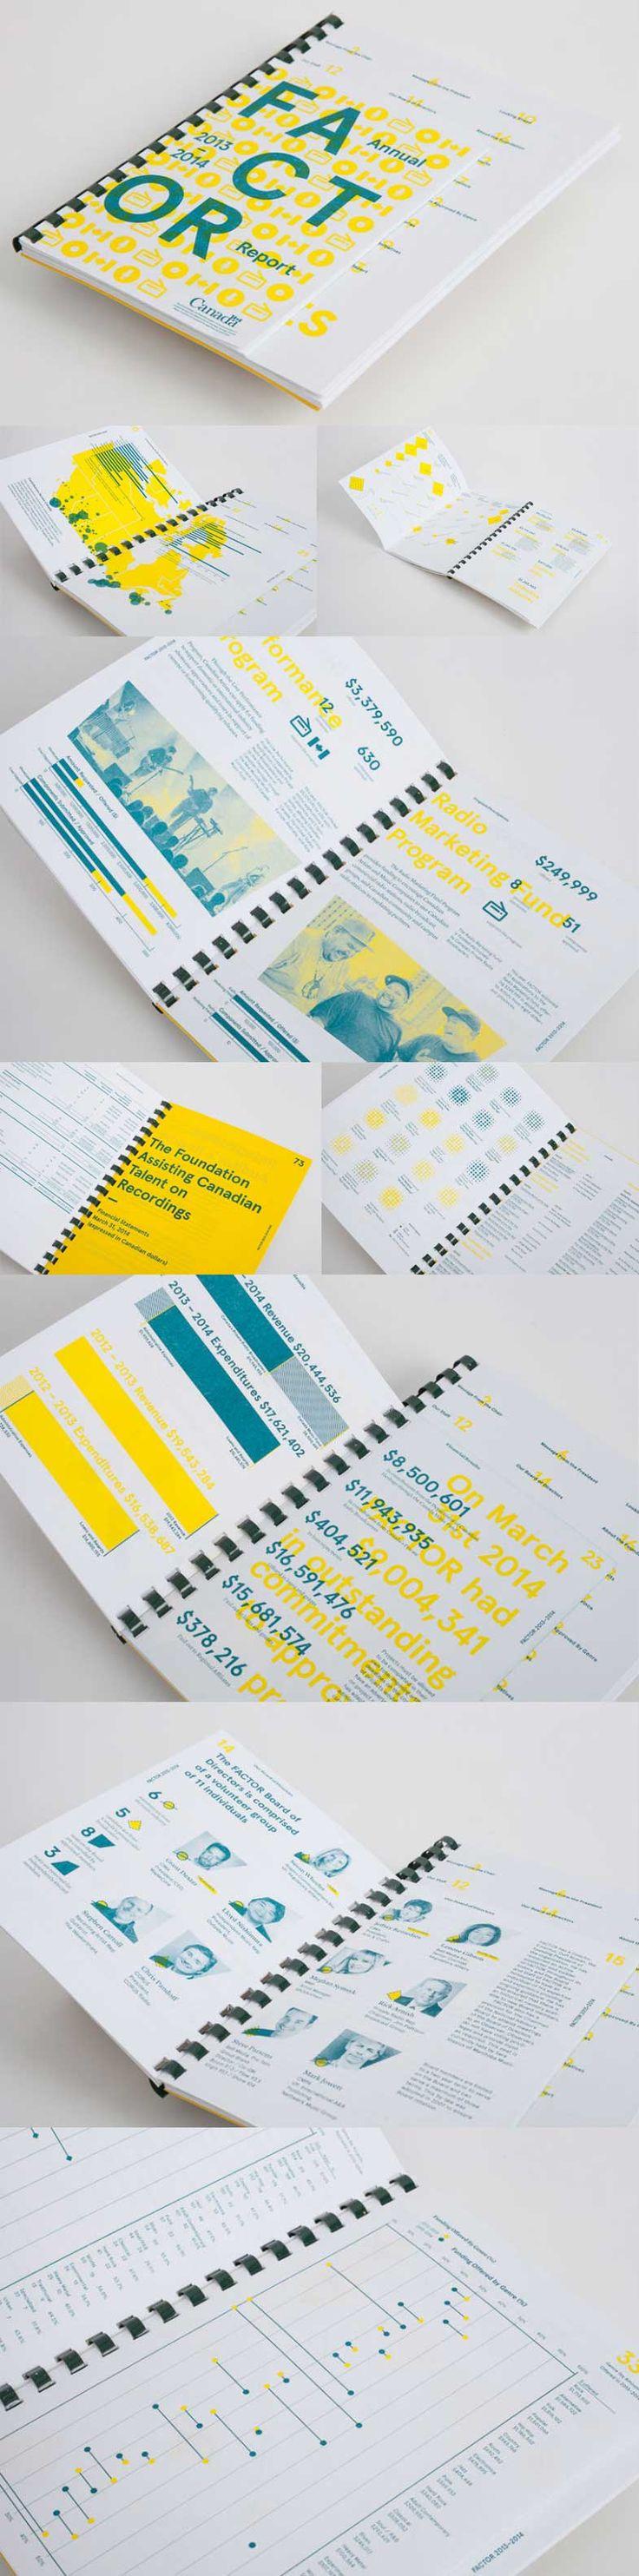 [Inspirations éditoriales] - Création d'un rapport d'activité annuel